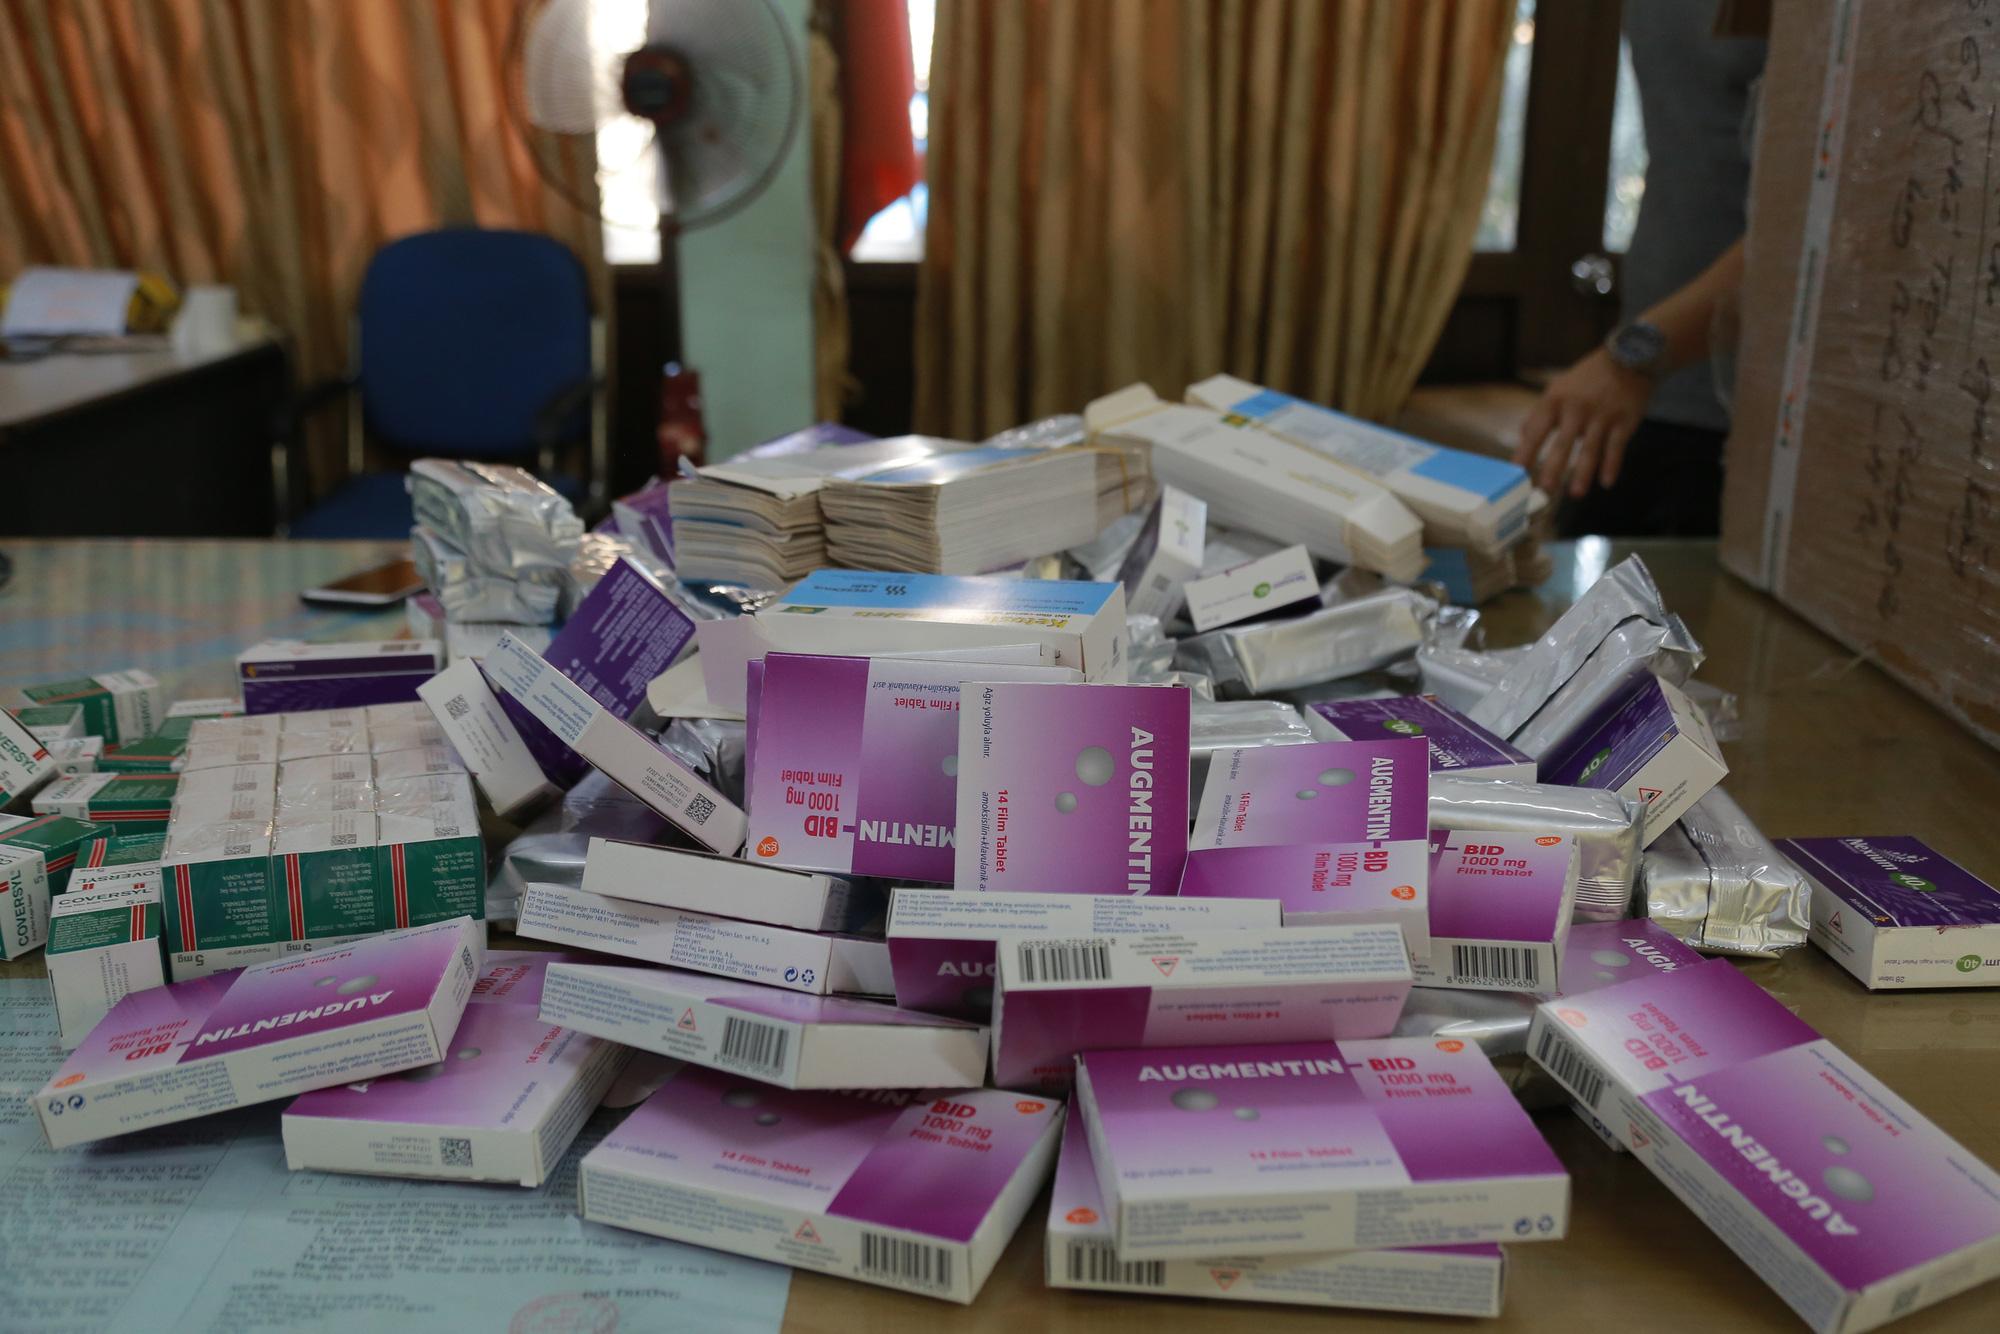 Hà Nội: Phát hiện số lượng lớn thuốc tân dược được mua trôi nổi trên Facebook, chuẩn bị tuồn vào các hiệu thuốc-2